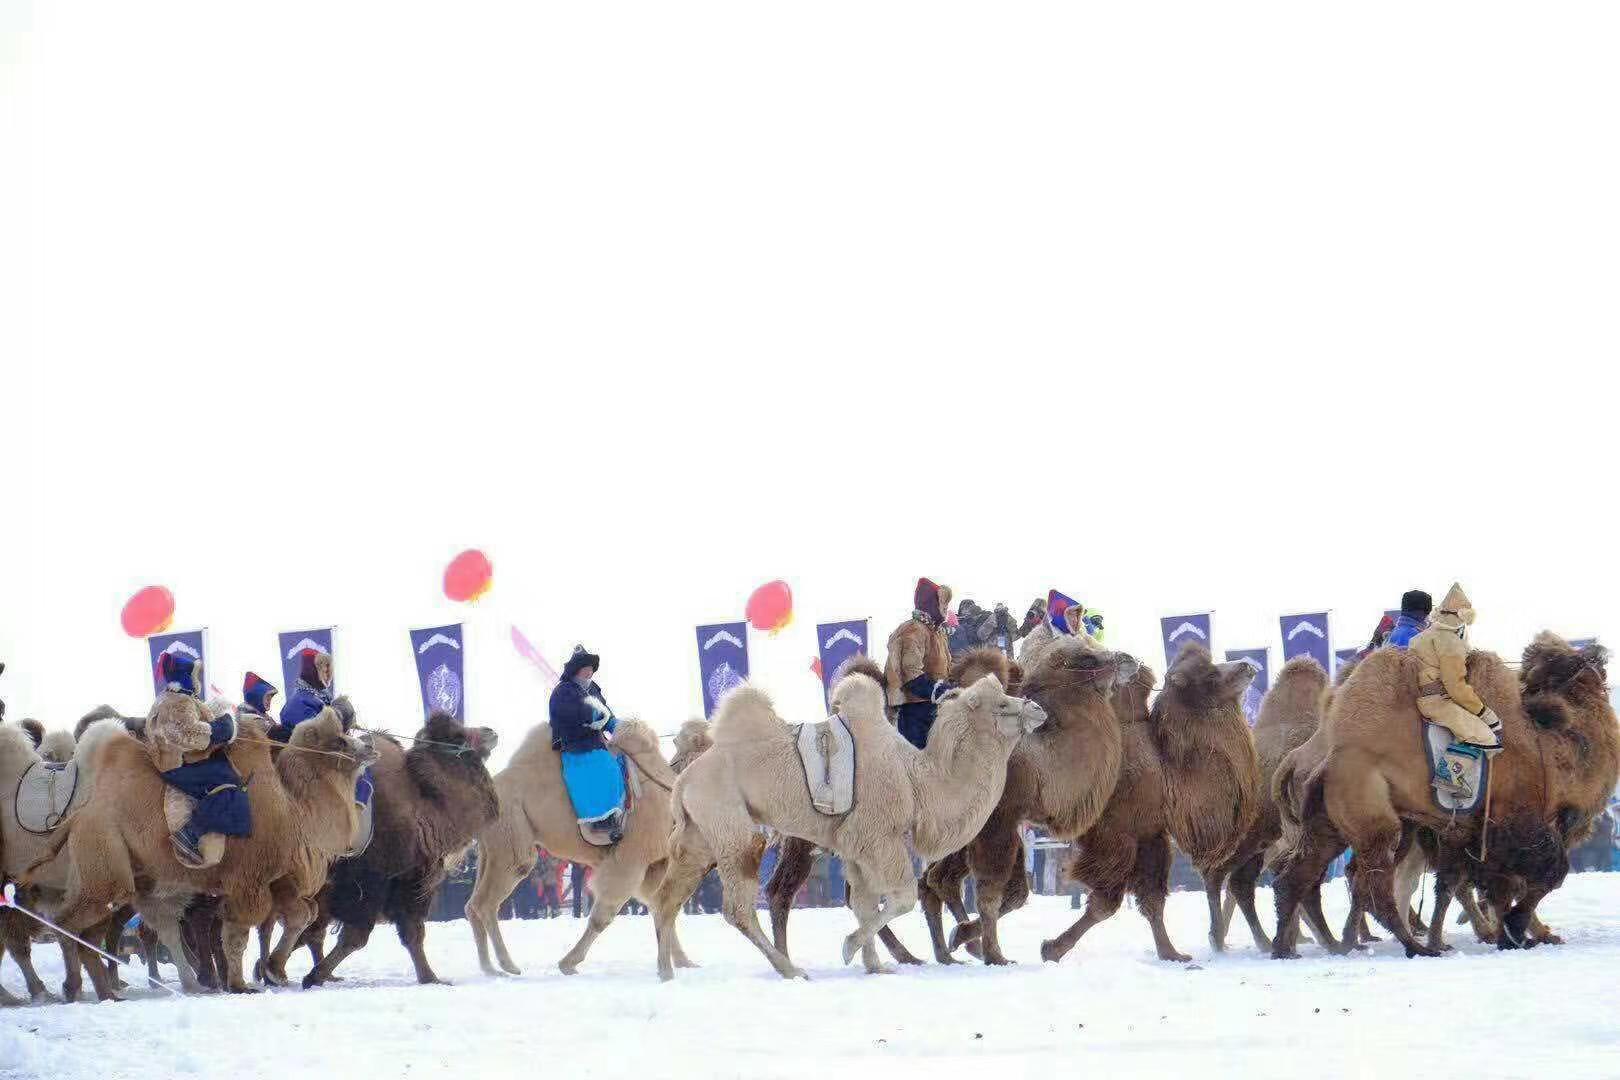 【惠游冰雪那达慕越冷约热情】一年一度呼伦贝尔冰雪那达慕盛会、莫日格勒河、亚洲第一湿地、中科丽丽娅庄园、东山激情滑雪、中俄边城满洲里五天双飞游B线